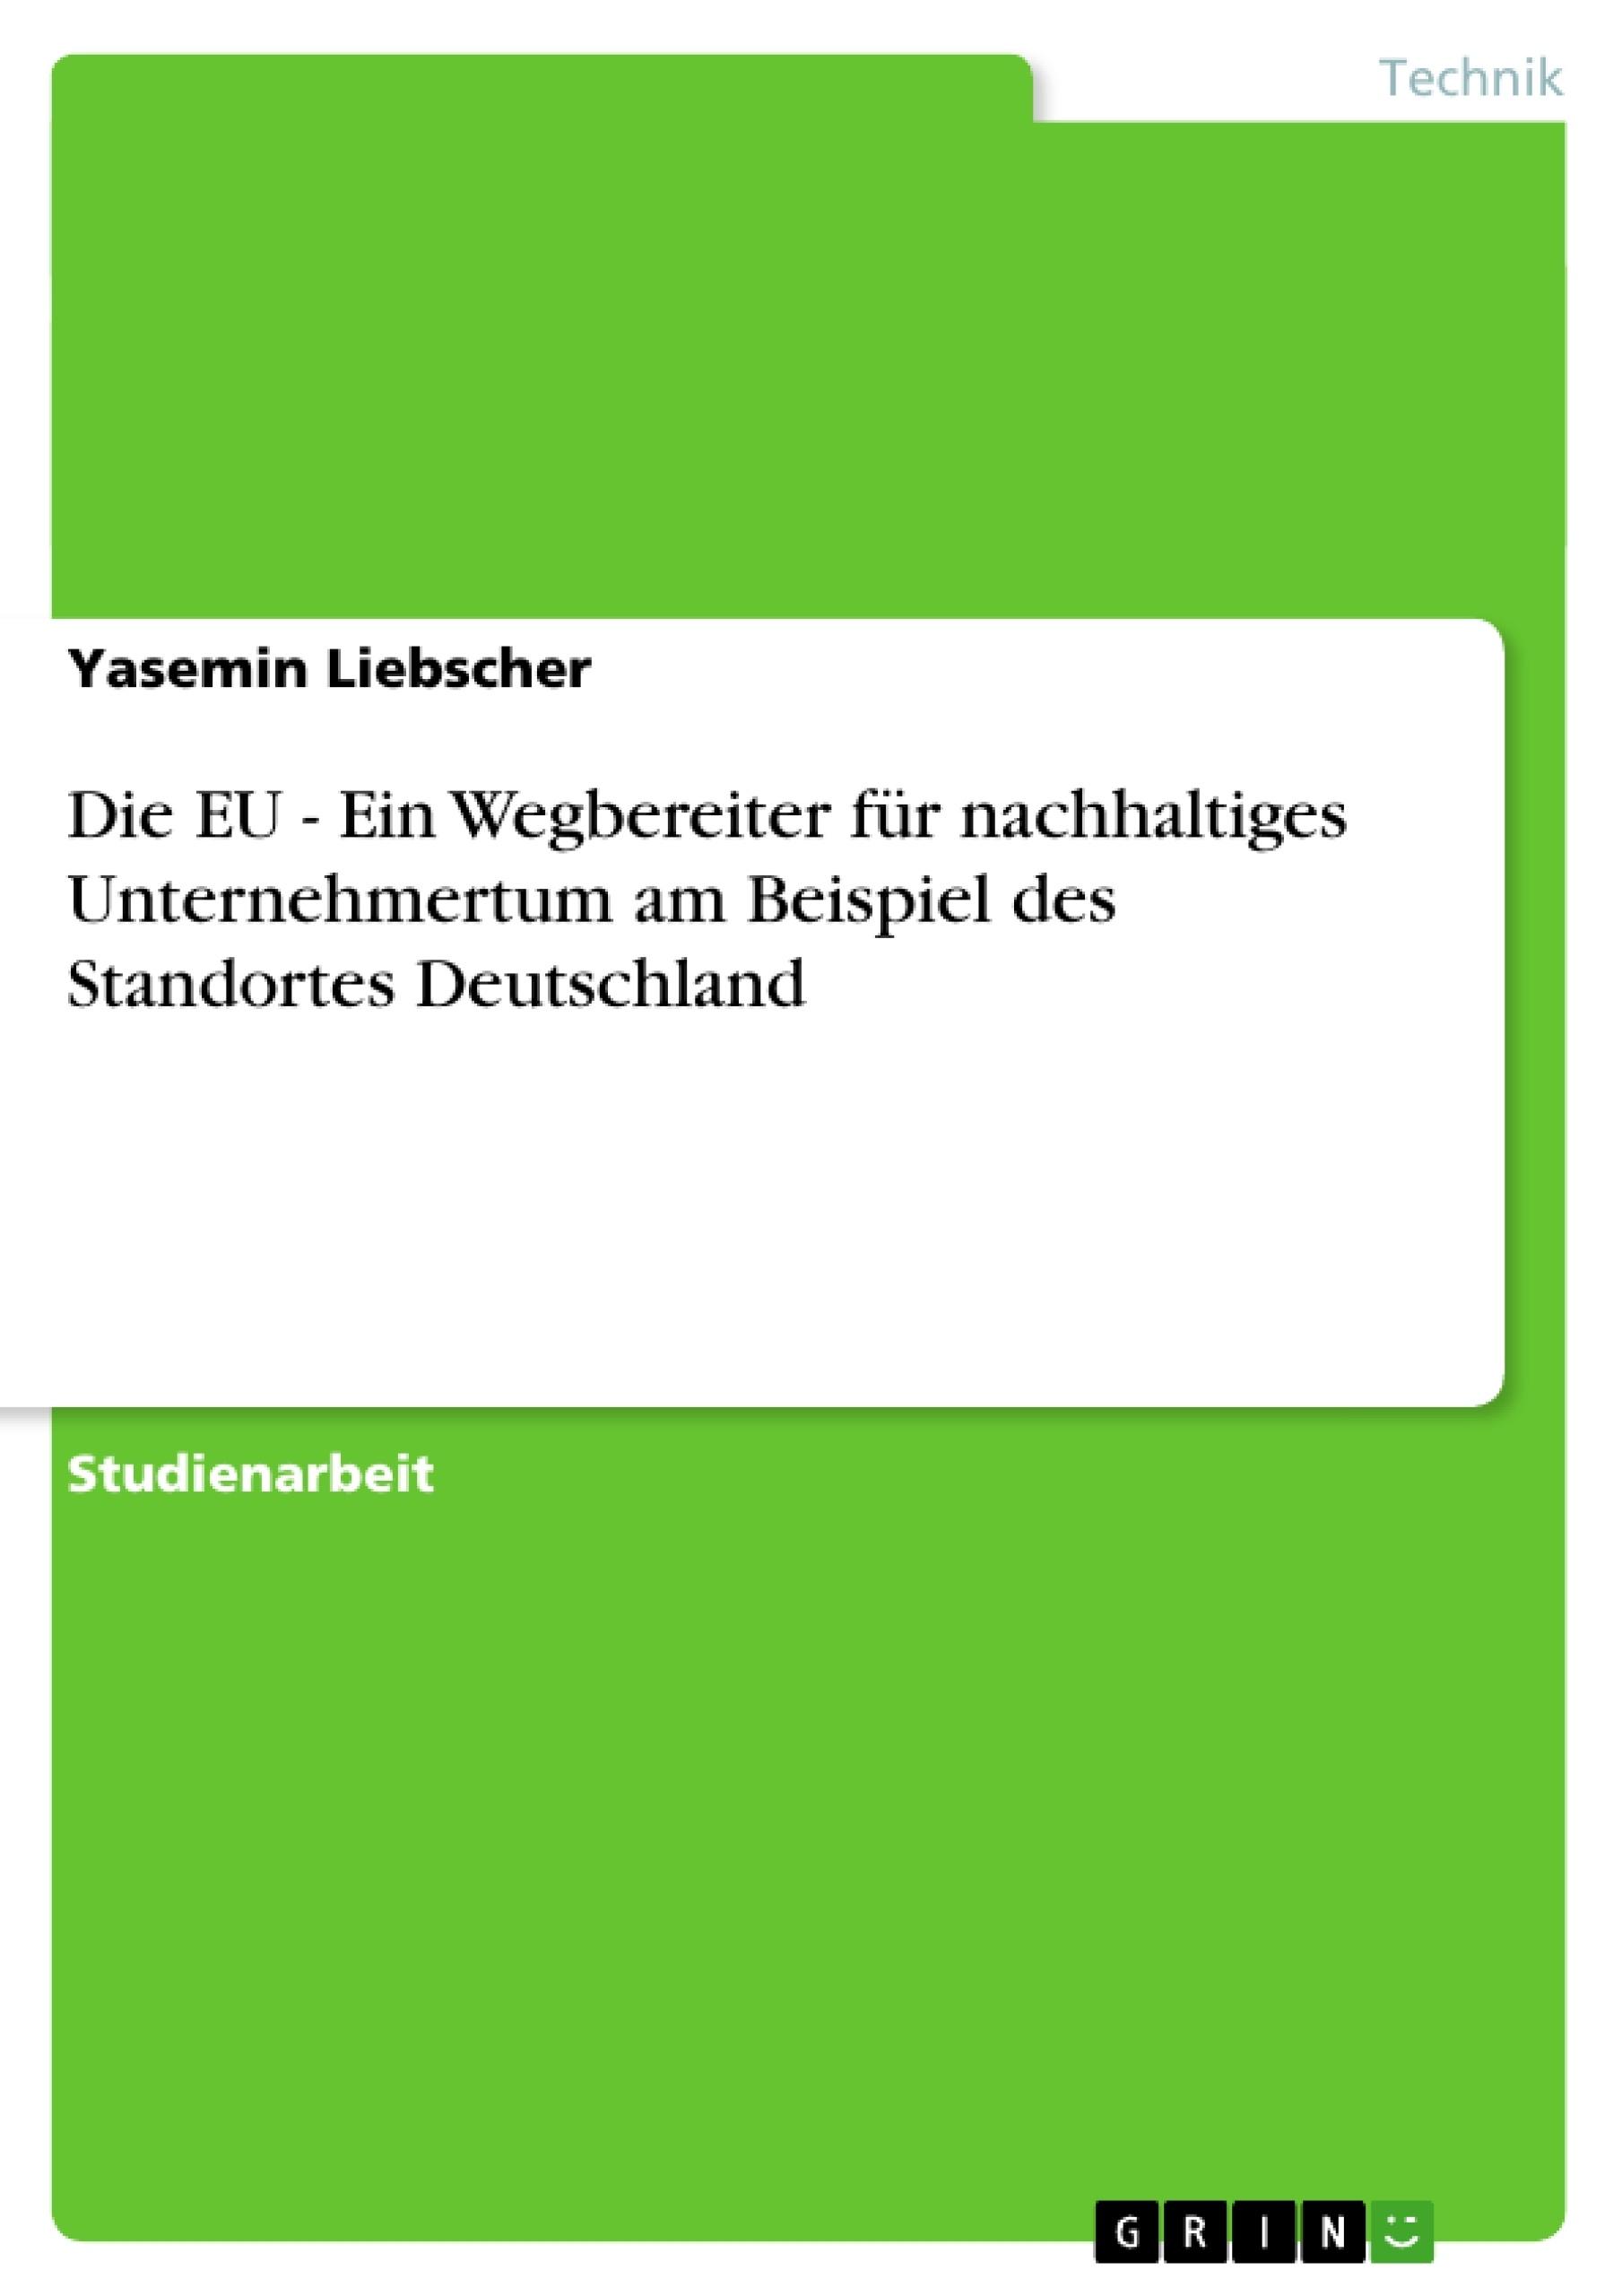 Titel: Die EU - Ein Wegbereiter für nachhaltiges Unternehmertum am Beispiel des Standortes Deutschland